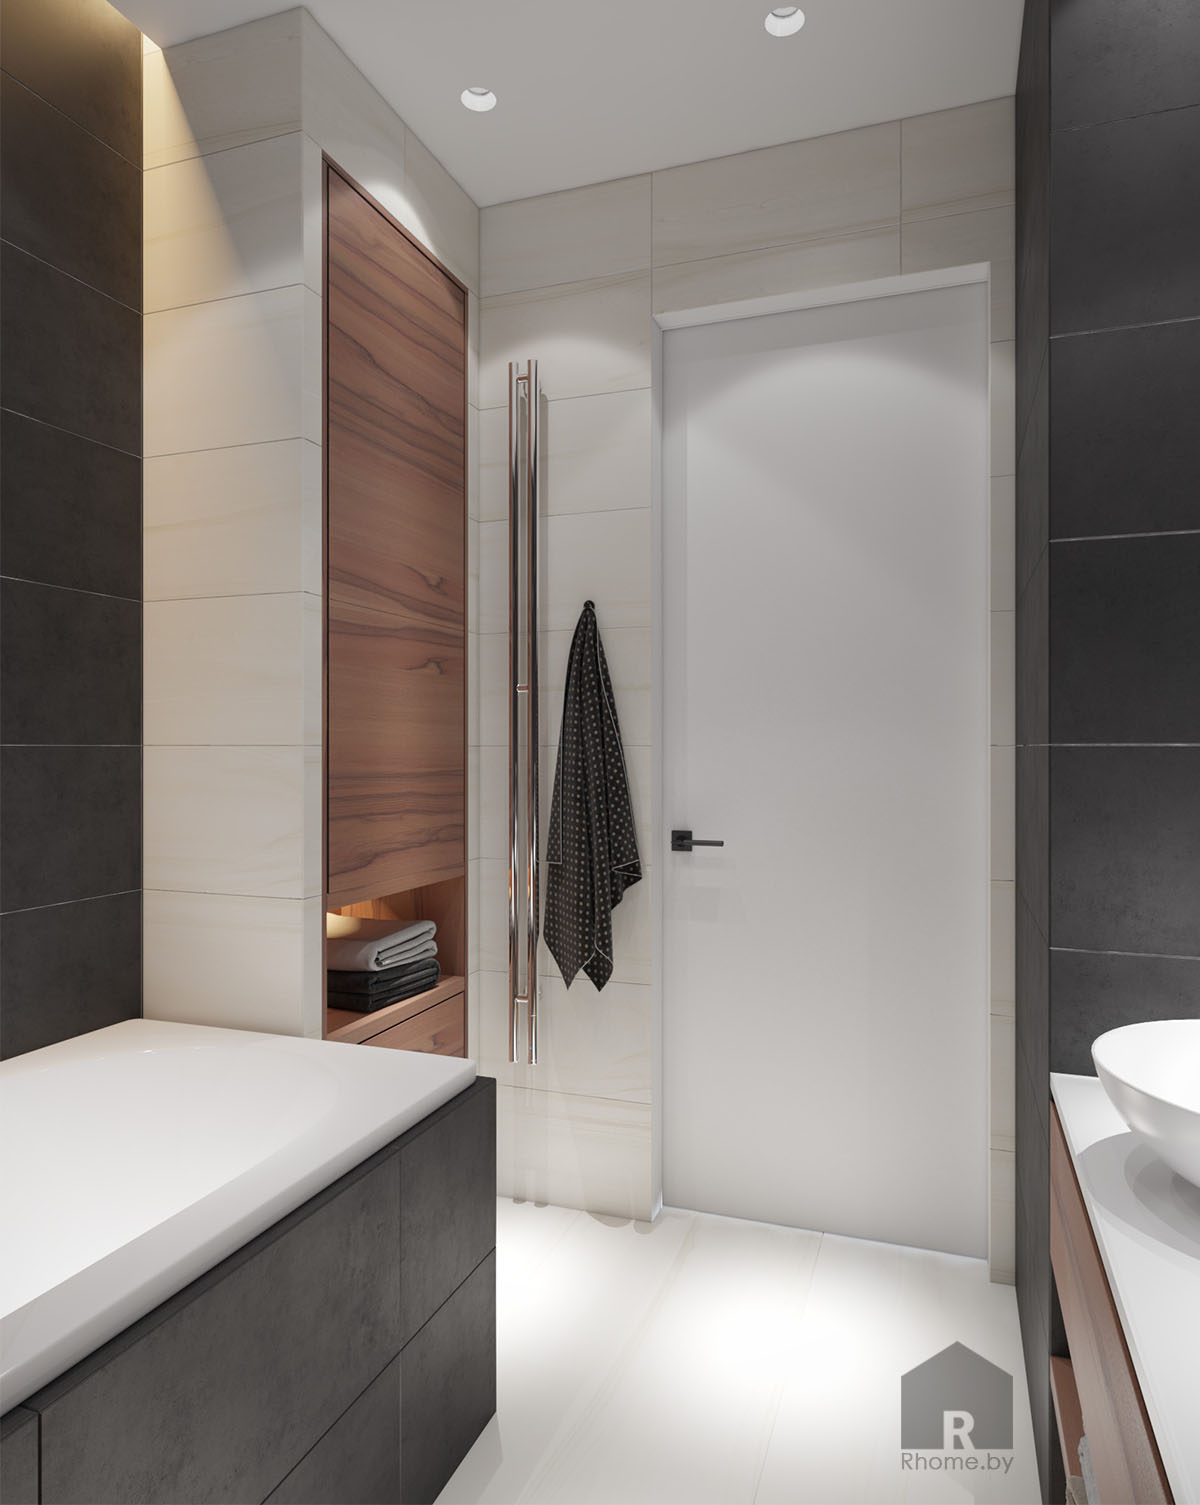 Дизайн интерьера ванной в ЖК «Браславский» | Дизайн студия – Rhome.by